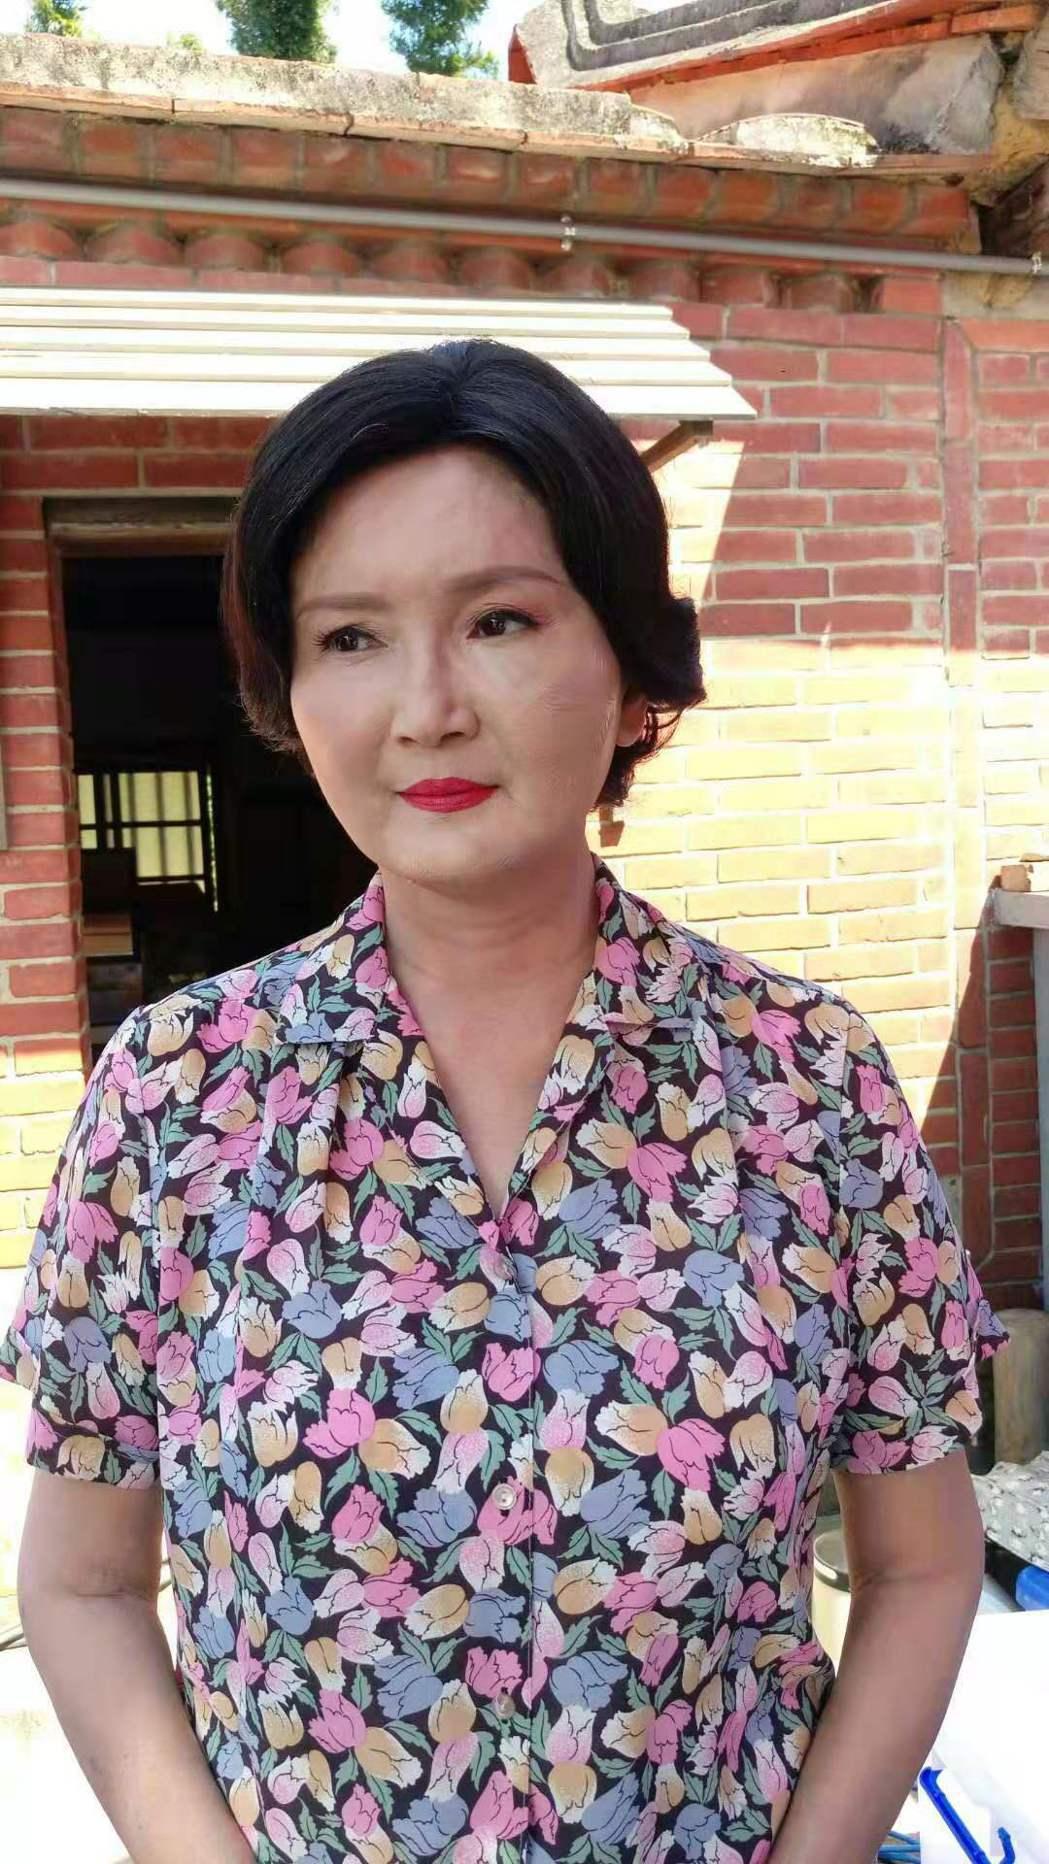 馬惠珍臉部摔傷,隔天蓋上厚厚粉底帶傷繼續拍攝。圖/艾迪昇傳播提供